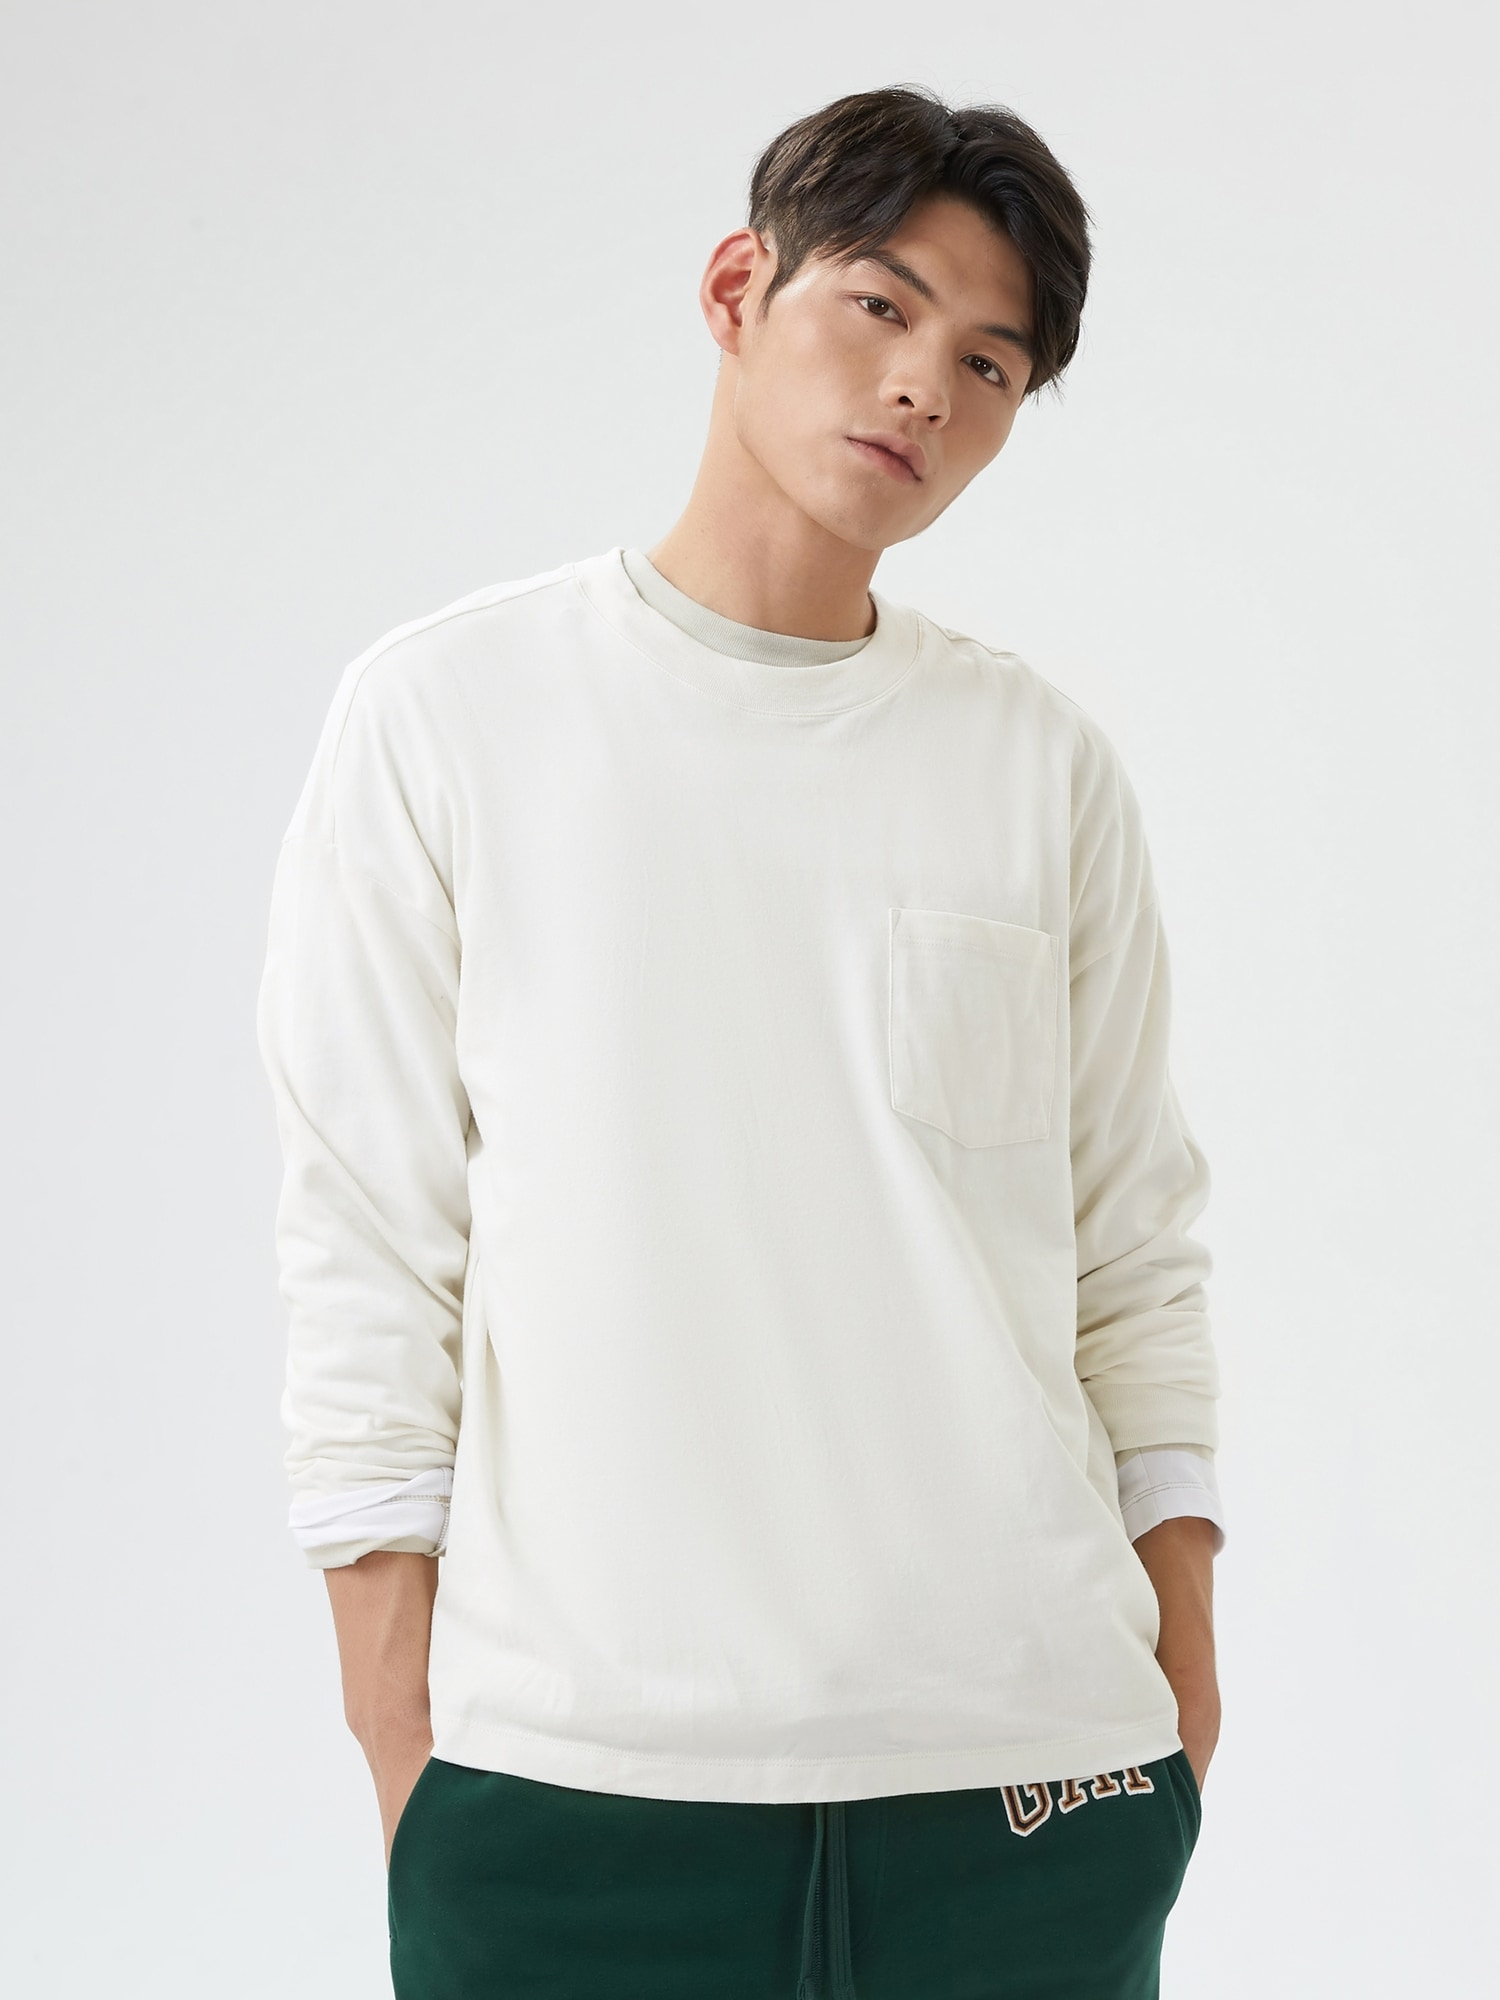 カーボナイズド ジャージー オーバーサイズtシャツ (メンズ・ユニセックス)